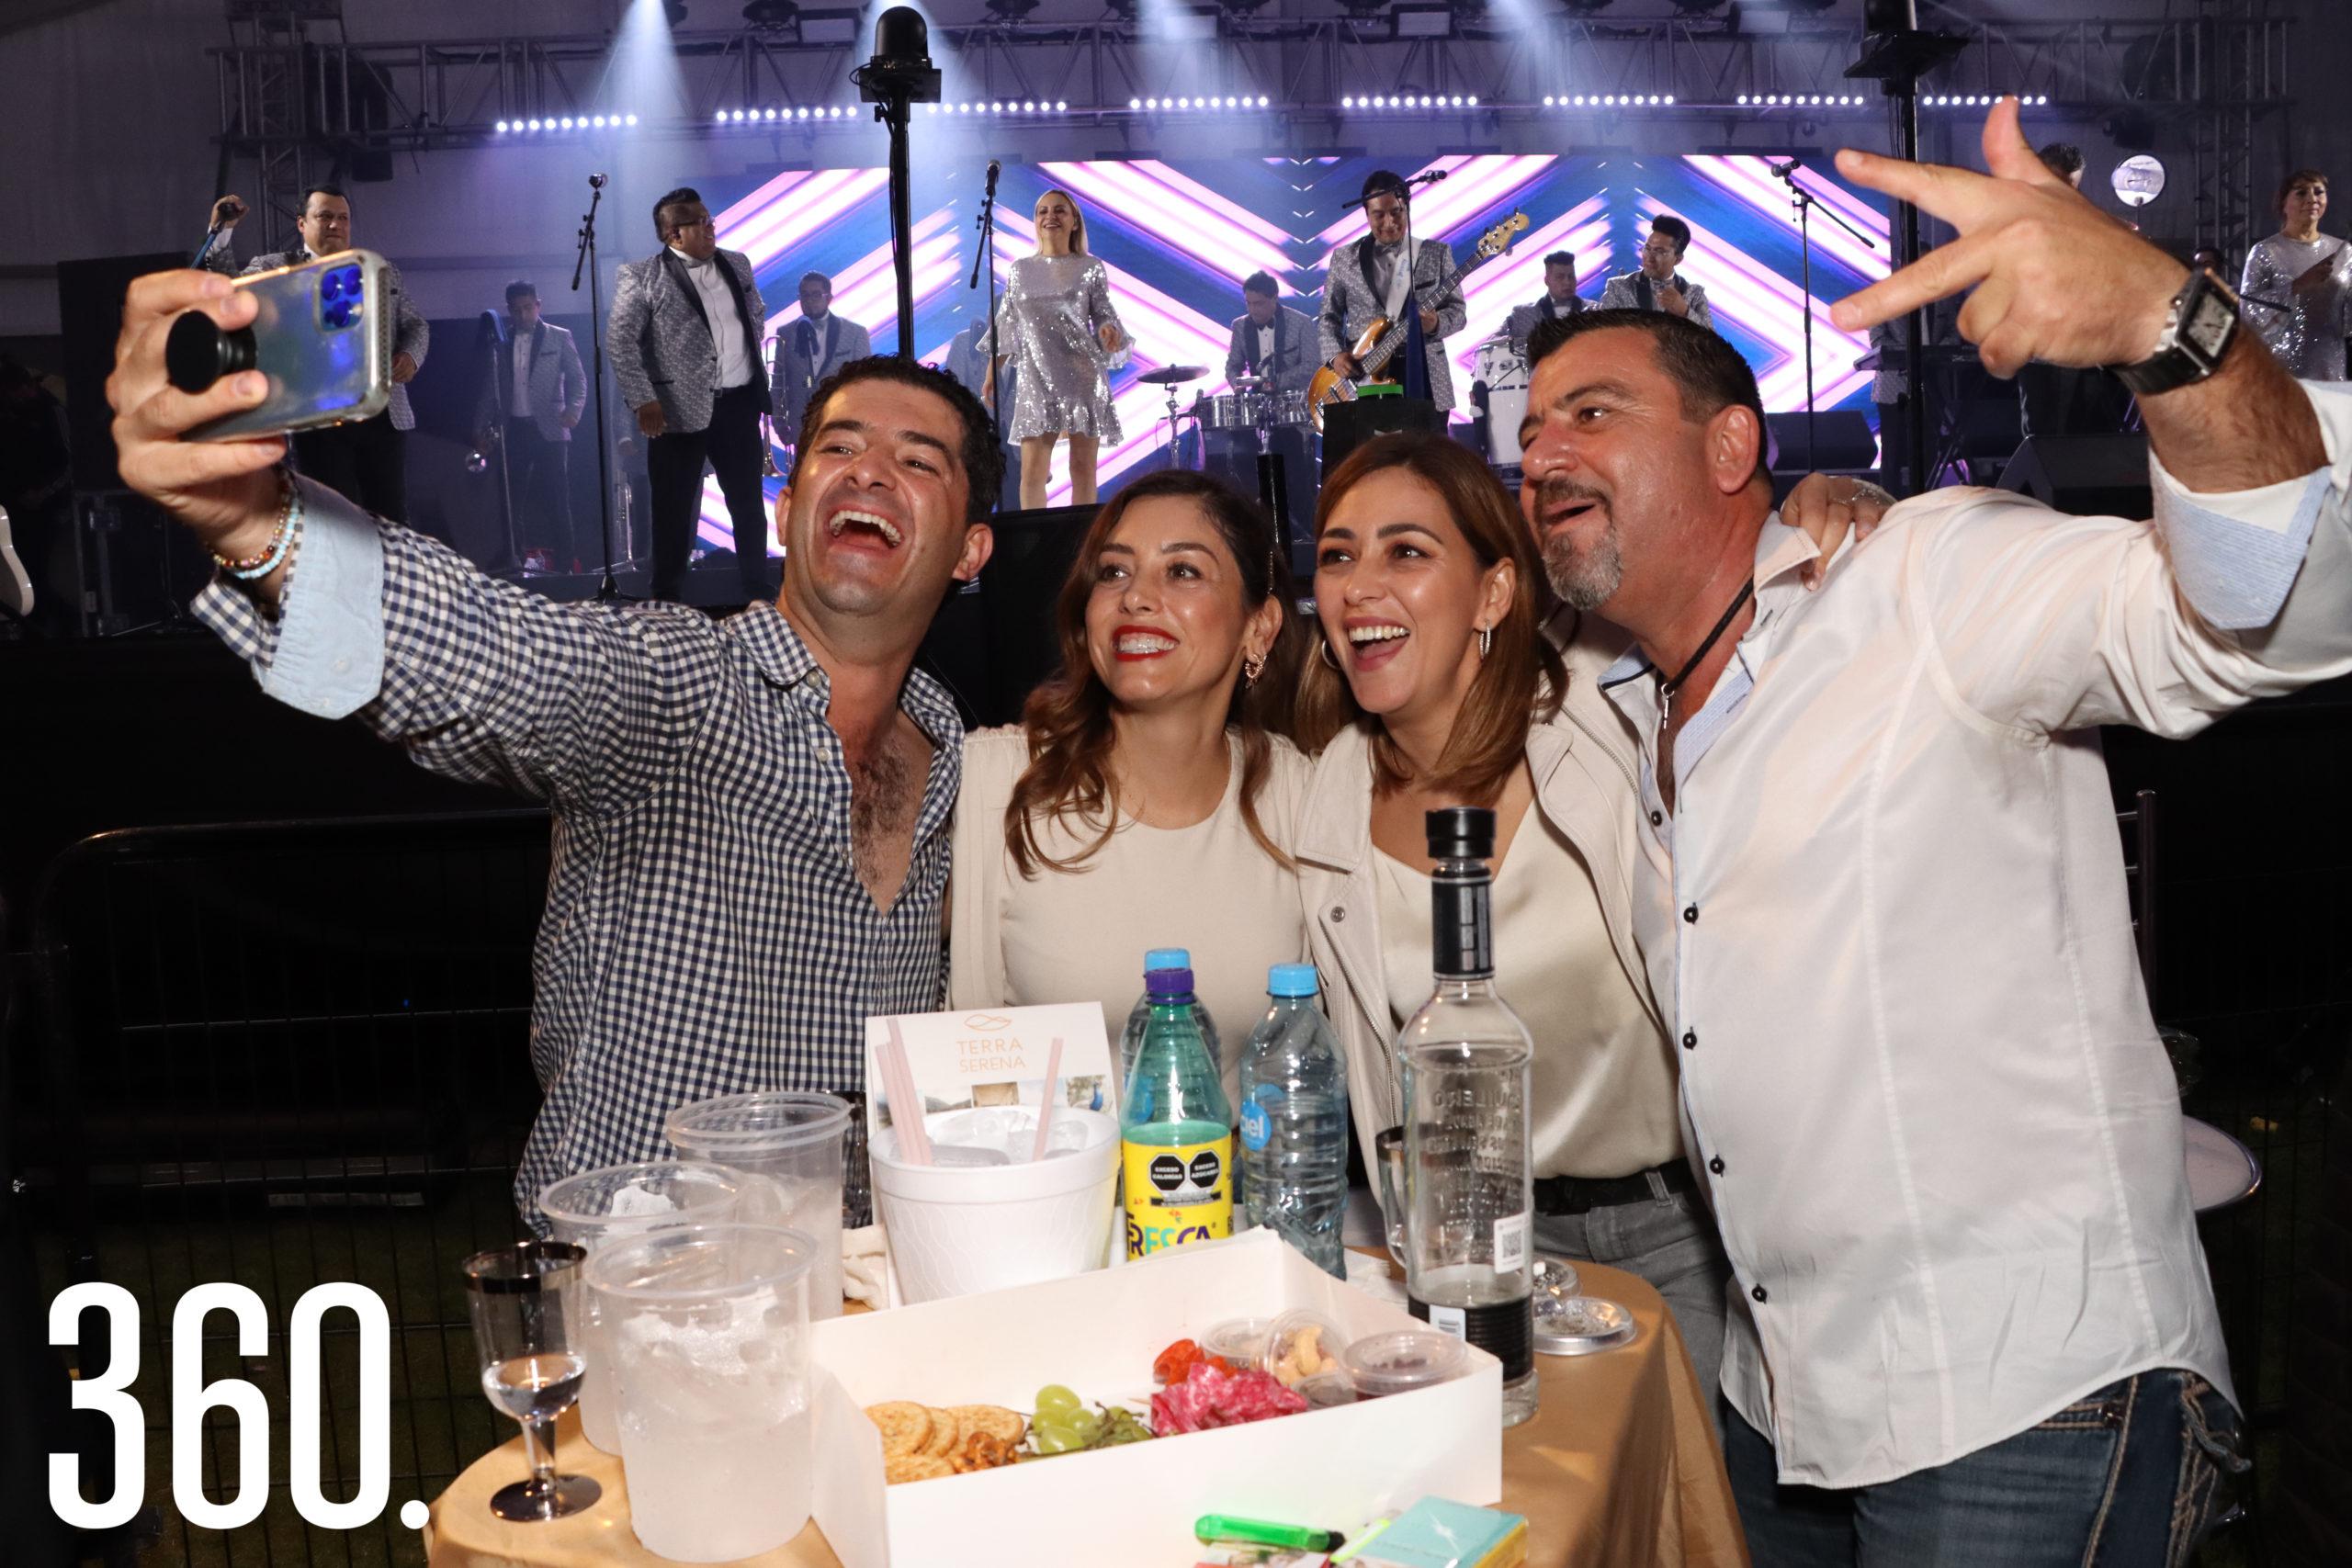 Roberto y Alicia Garza junto a Paola y Miguel Pepi fueron la mesa más animada durante el concierto.